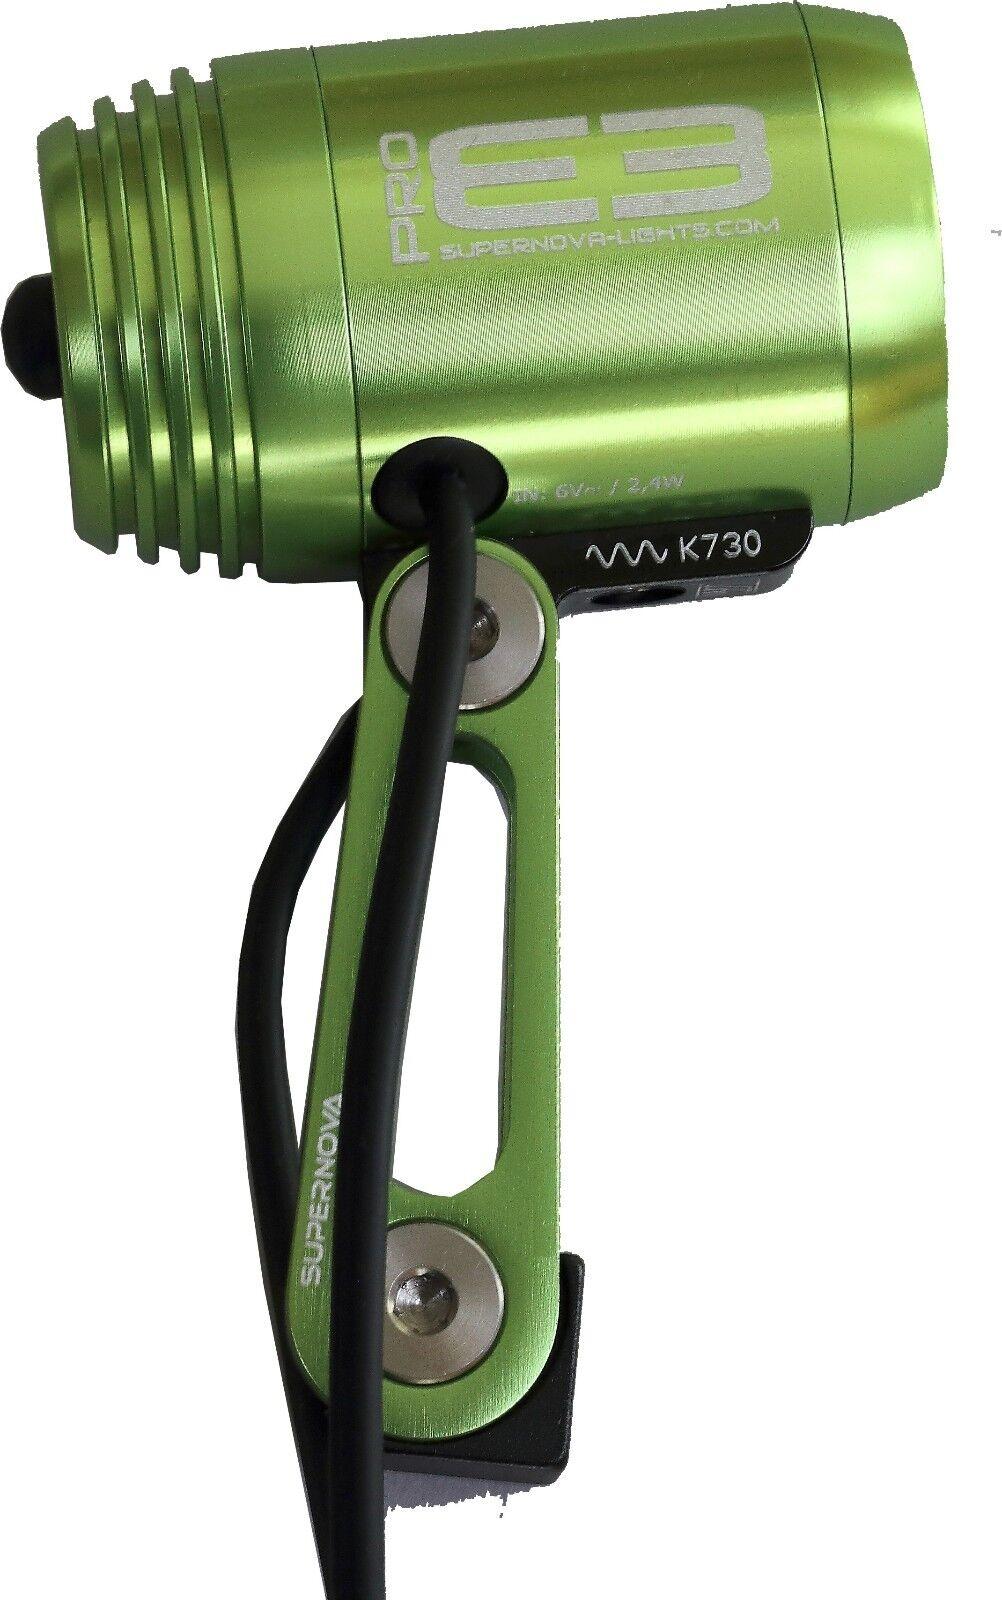 Luz Frontal súpernova E3 Pro verde